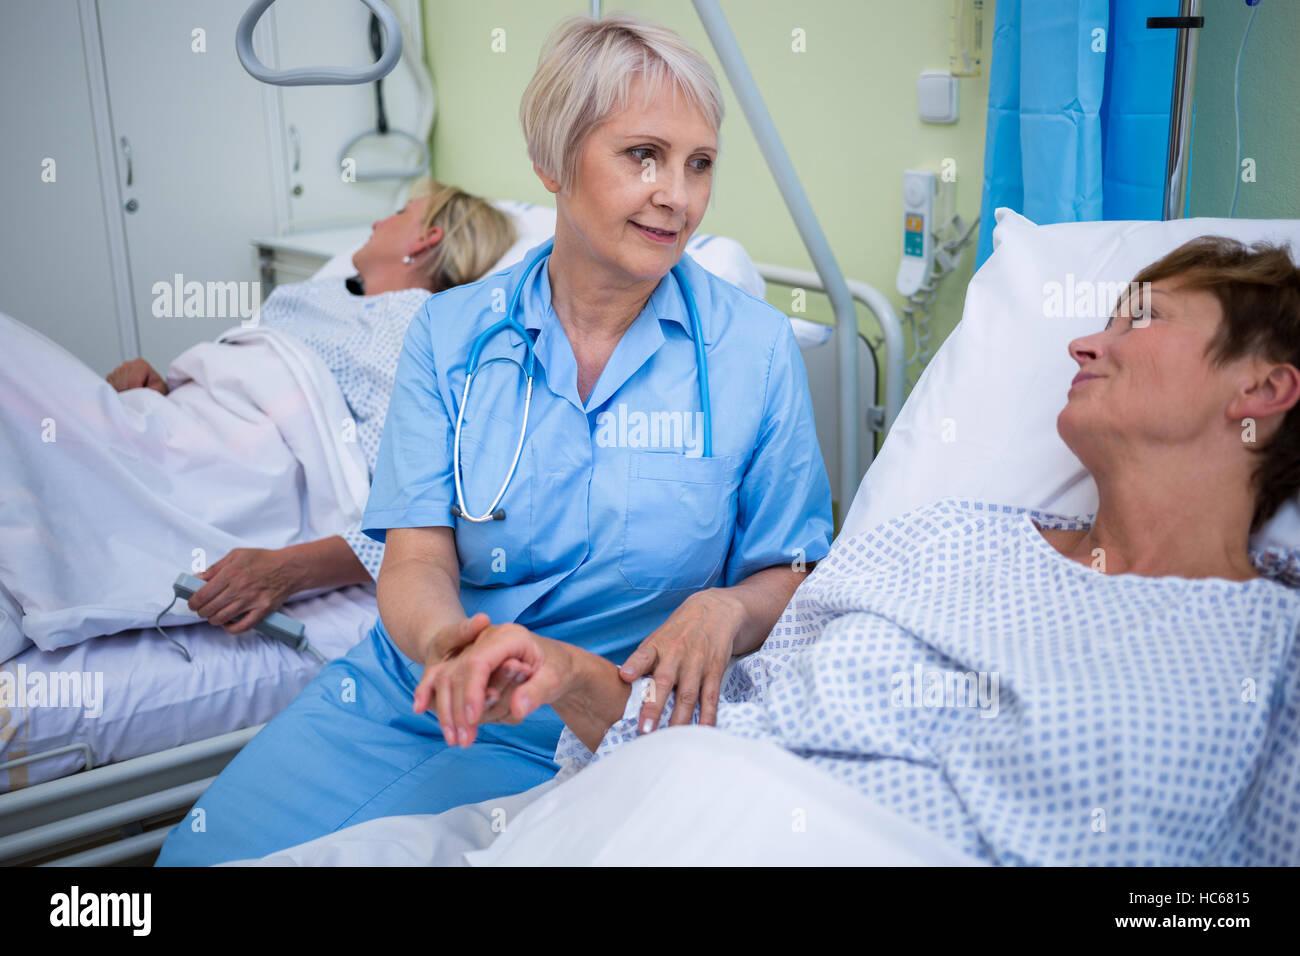 Nurse examining patients pulse - Stock Image